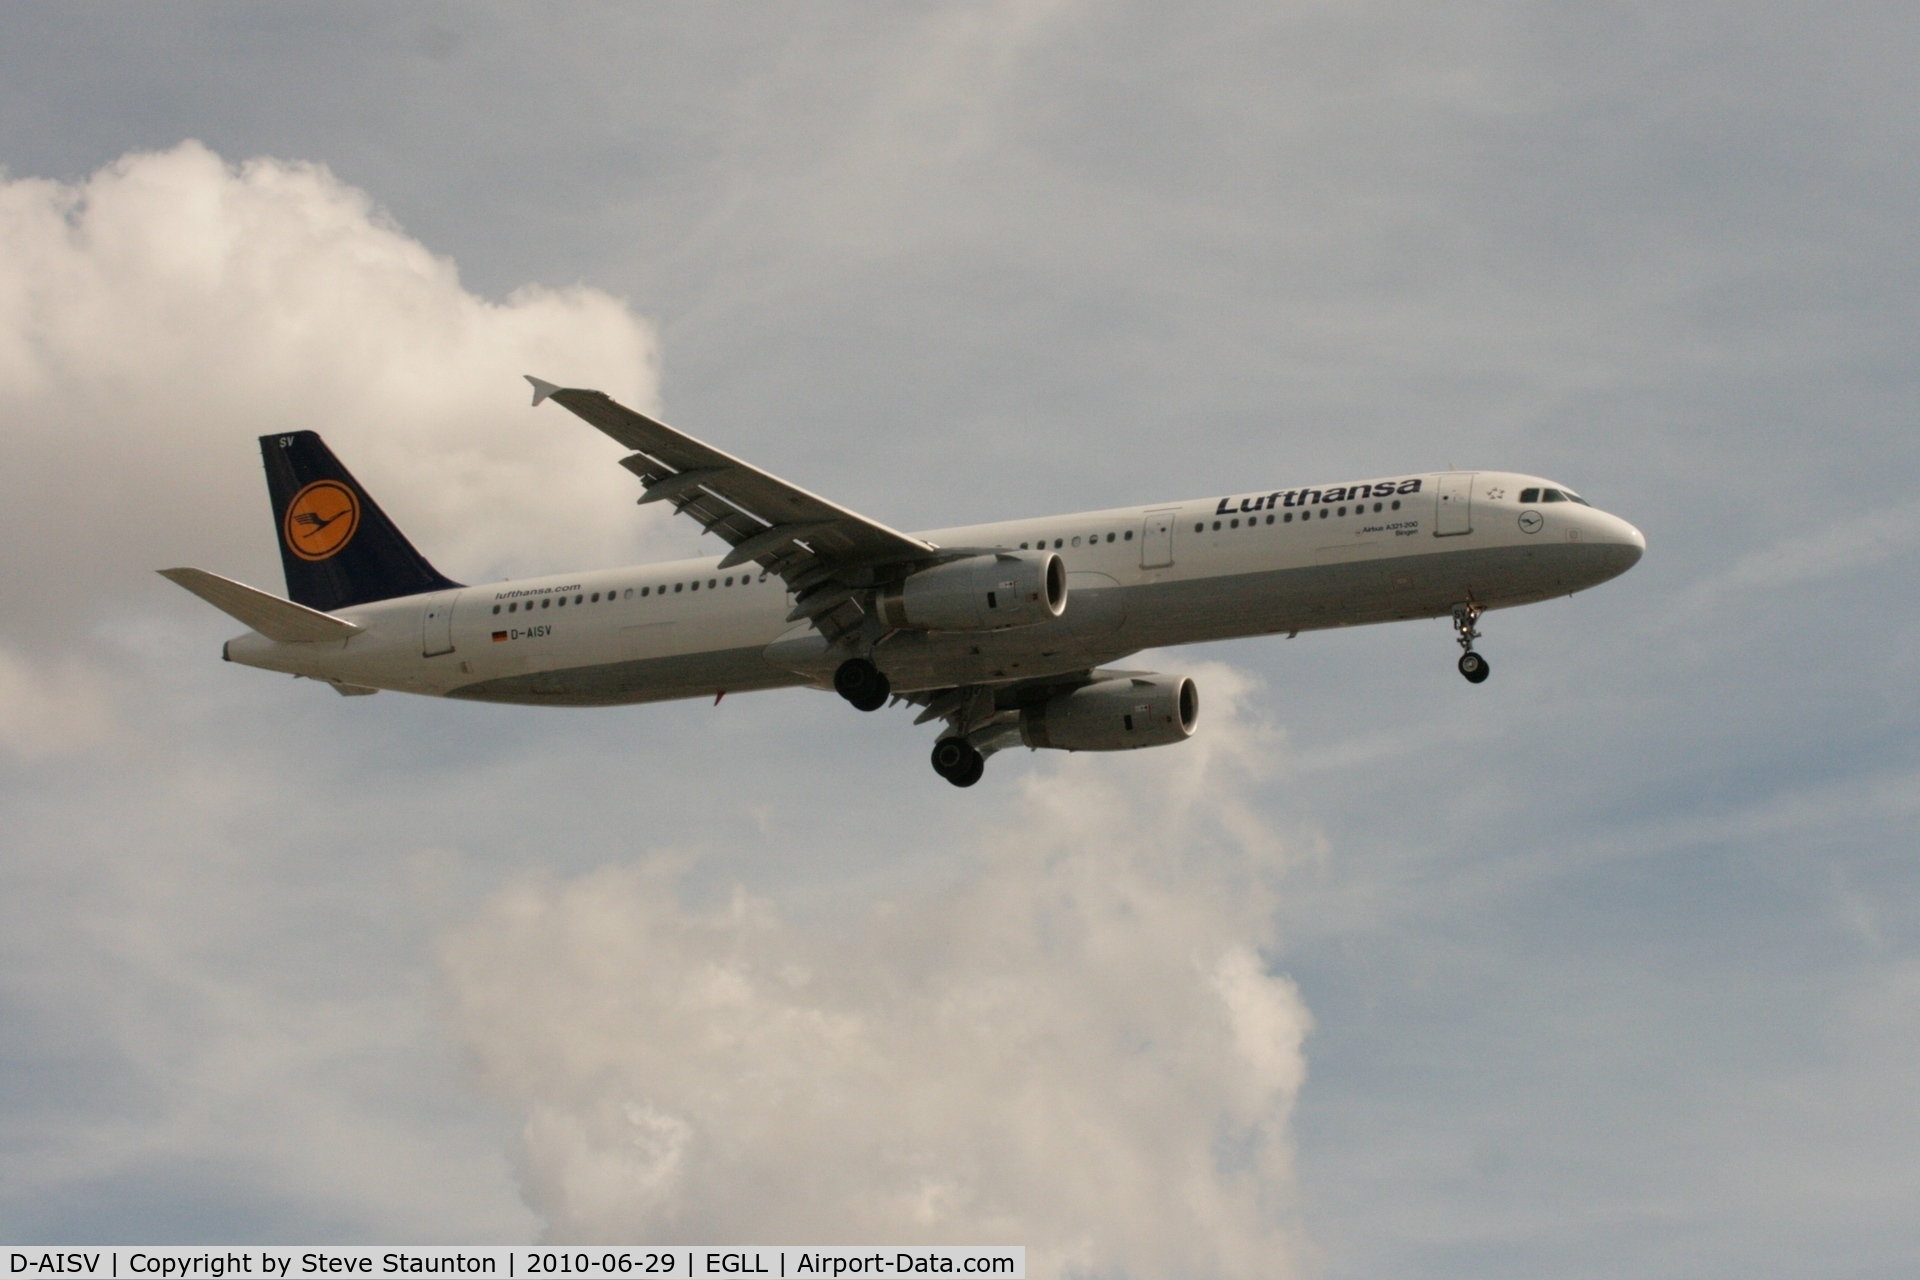 D-AISV, 2009 Airbus A321-231 C/N 4050, Taken at Heathrow Airport, June 2010